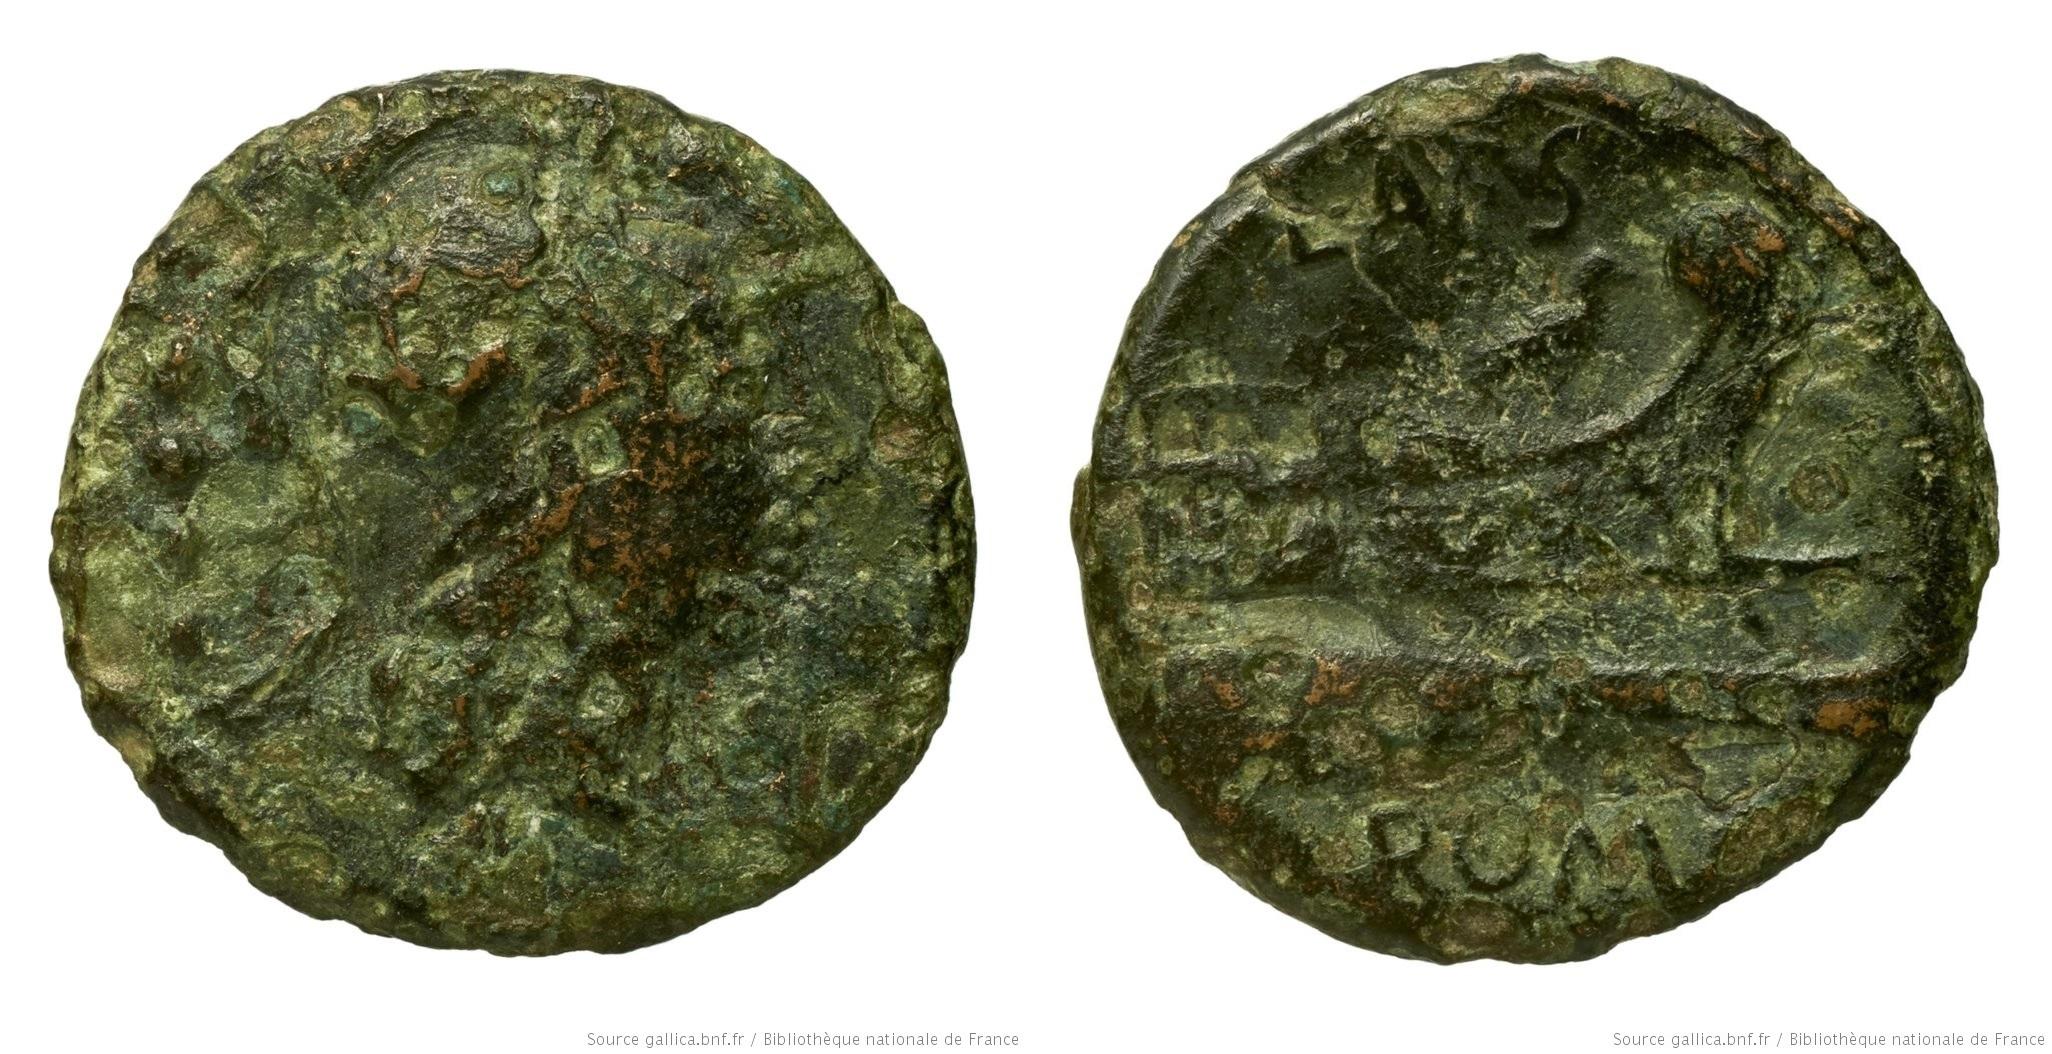 929AN – Triens Antestia – Lucius Antestius Gragulus